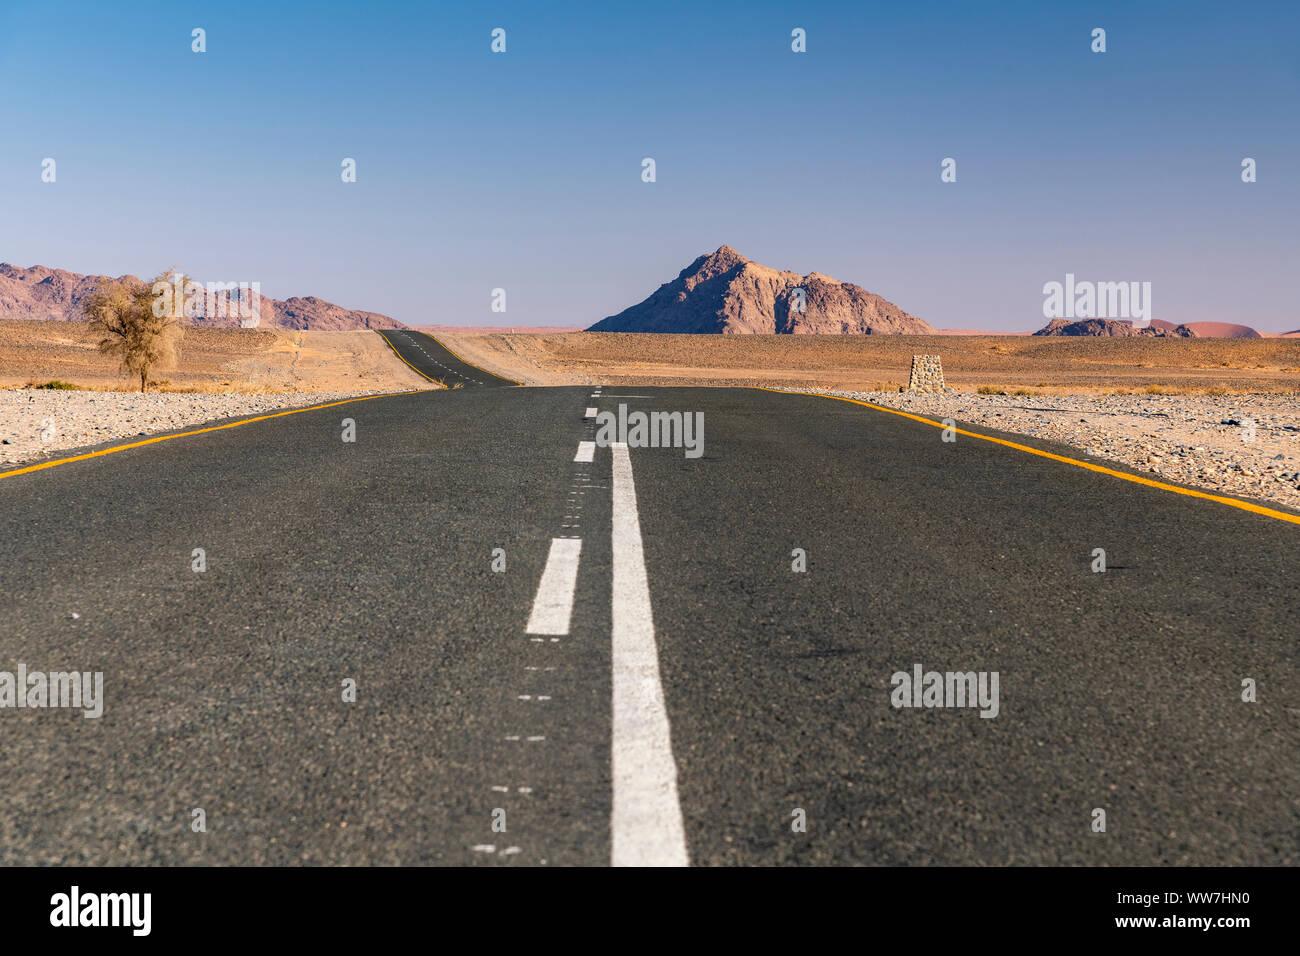 Carretera pavimentada, Parque Nacional Namib-Naukluft Sesriem, Namibia Foto de stock